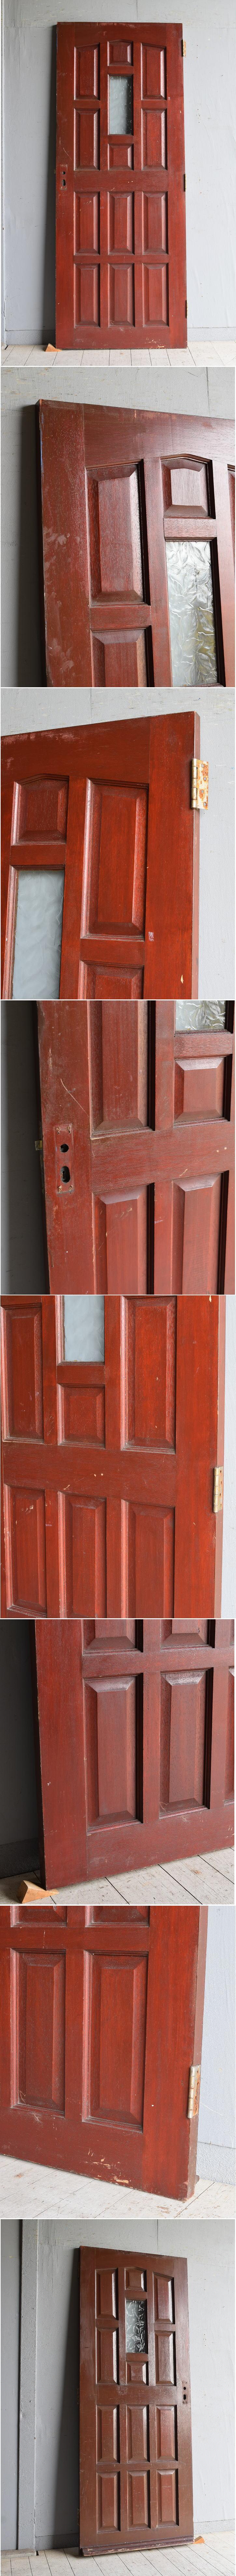 イギリス アンティーク ガラス入り木製ドア 扉 建具 8293